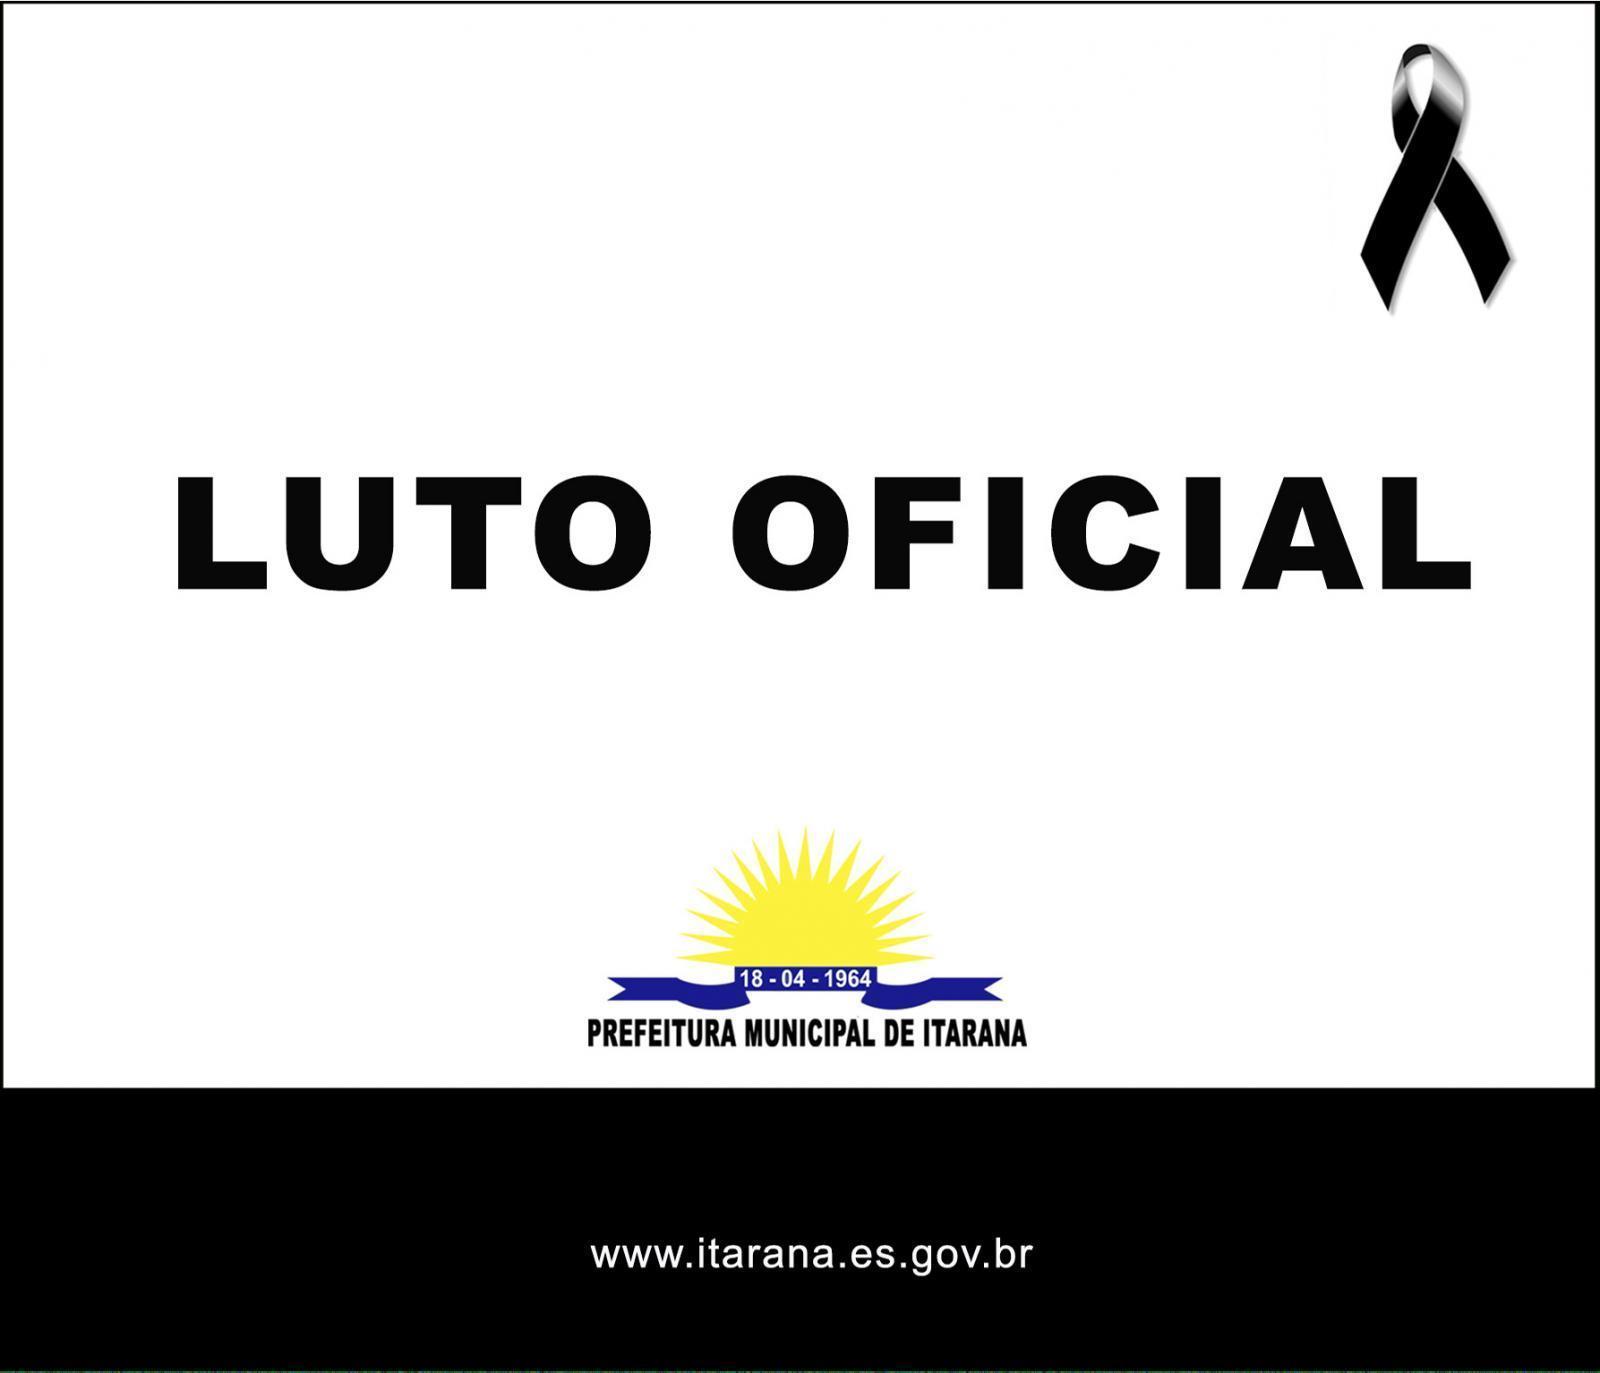 Prefeitura decreta luto oficial de três dias pelo falecimento do servidor Valteir Amorim Ferreira